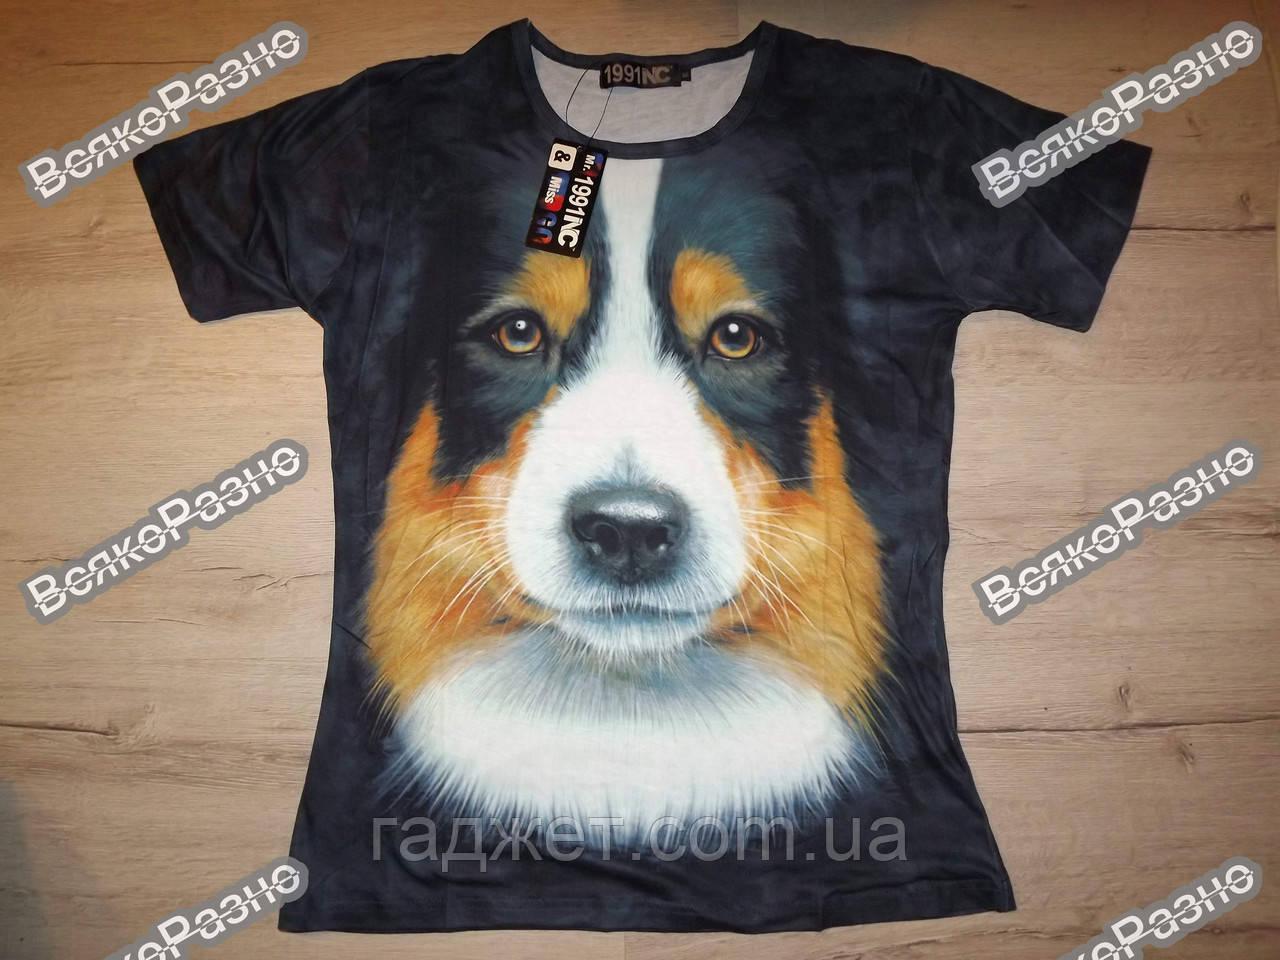 Мужская футболка The Mountain с 3D изображением собаки. Размер XL